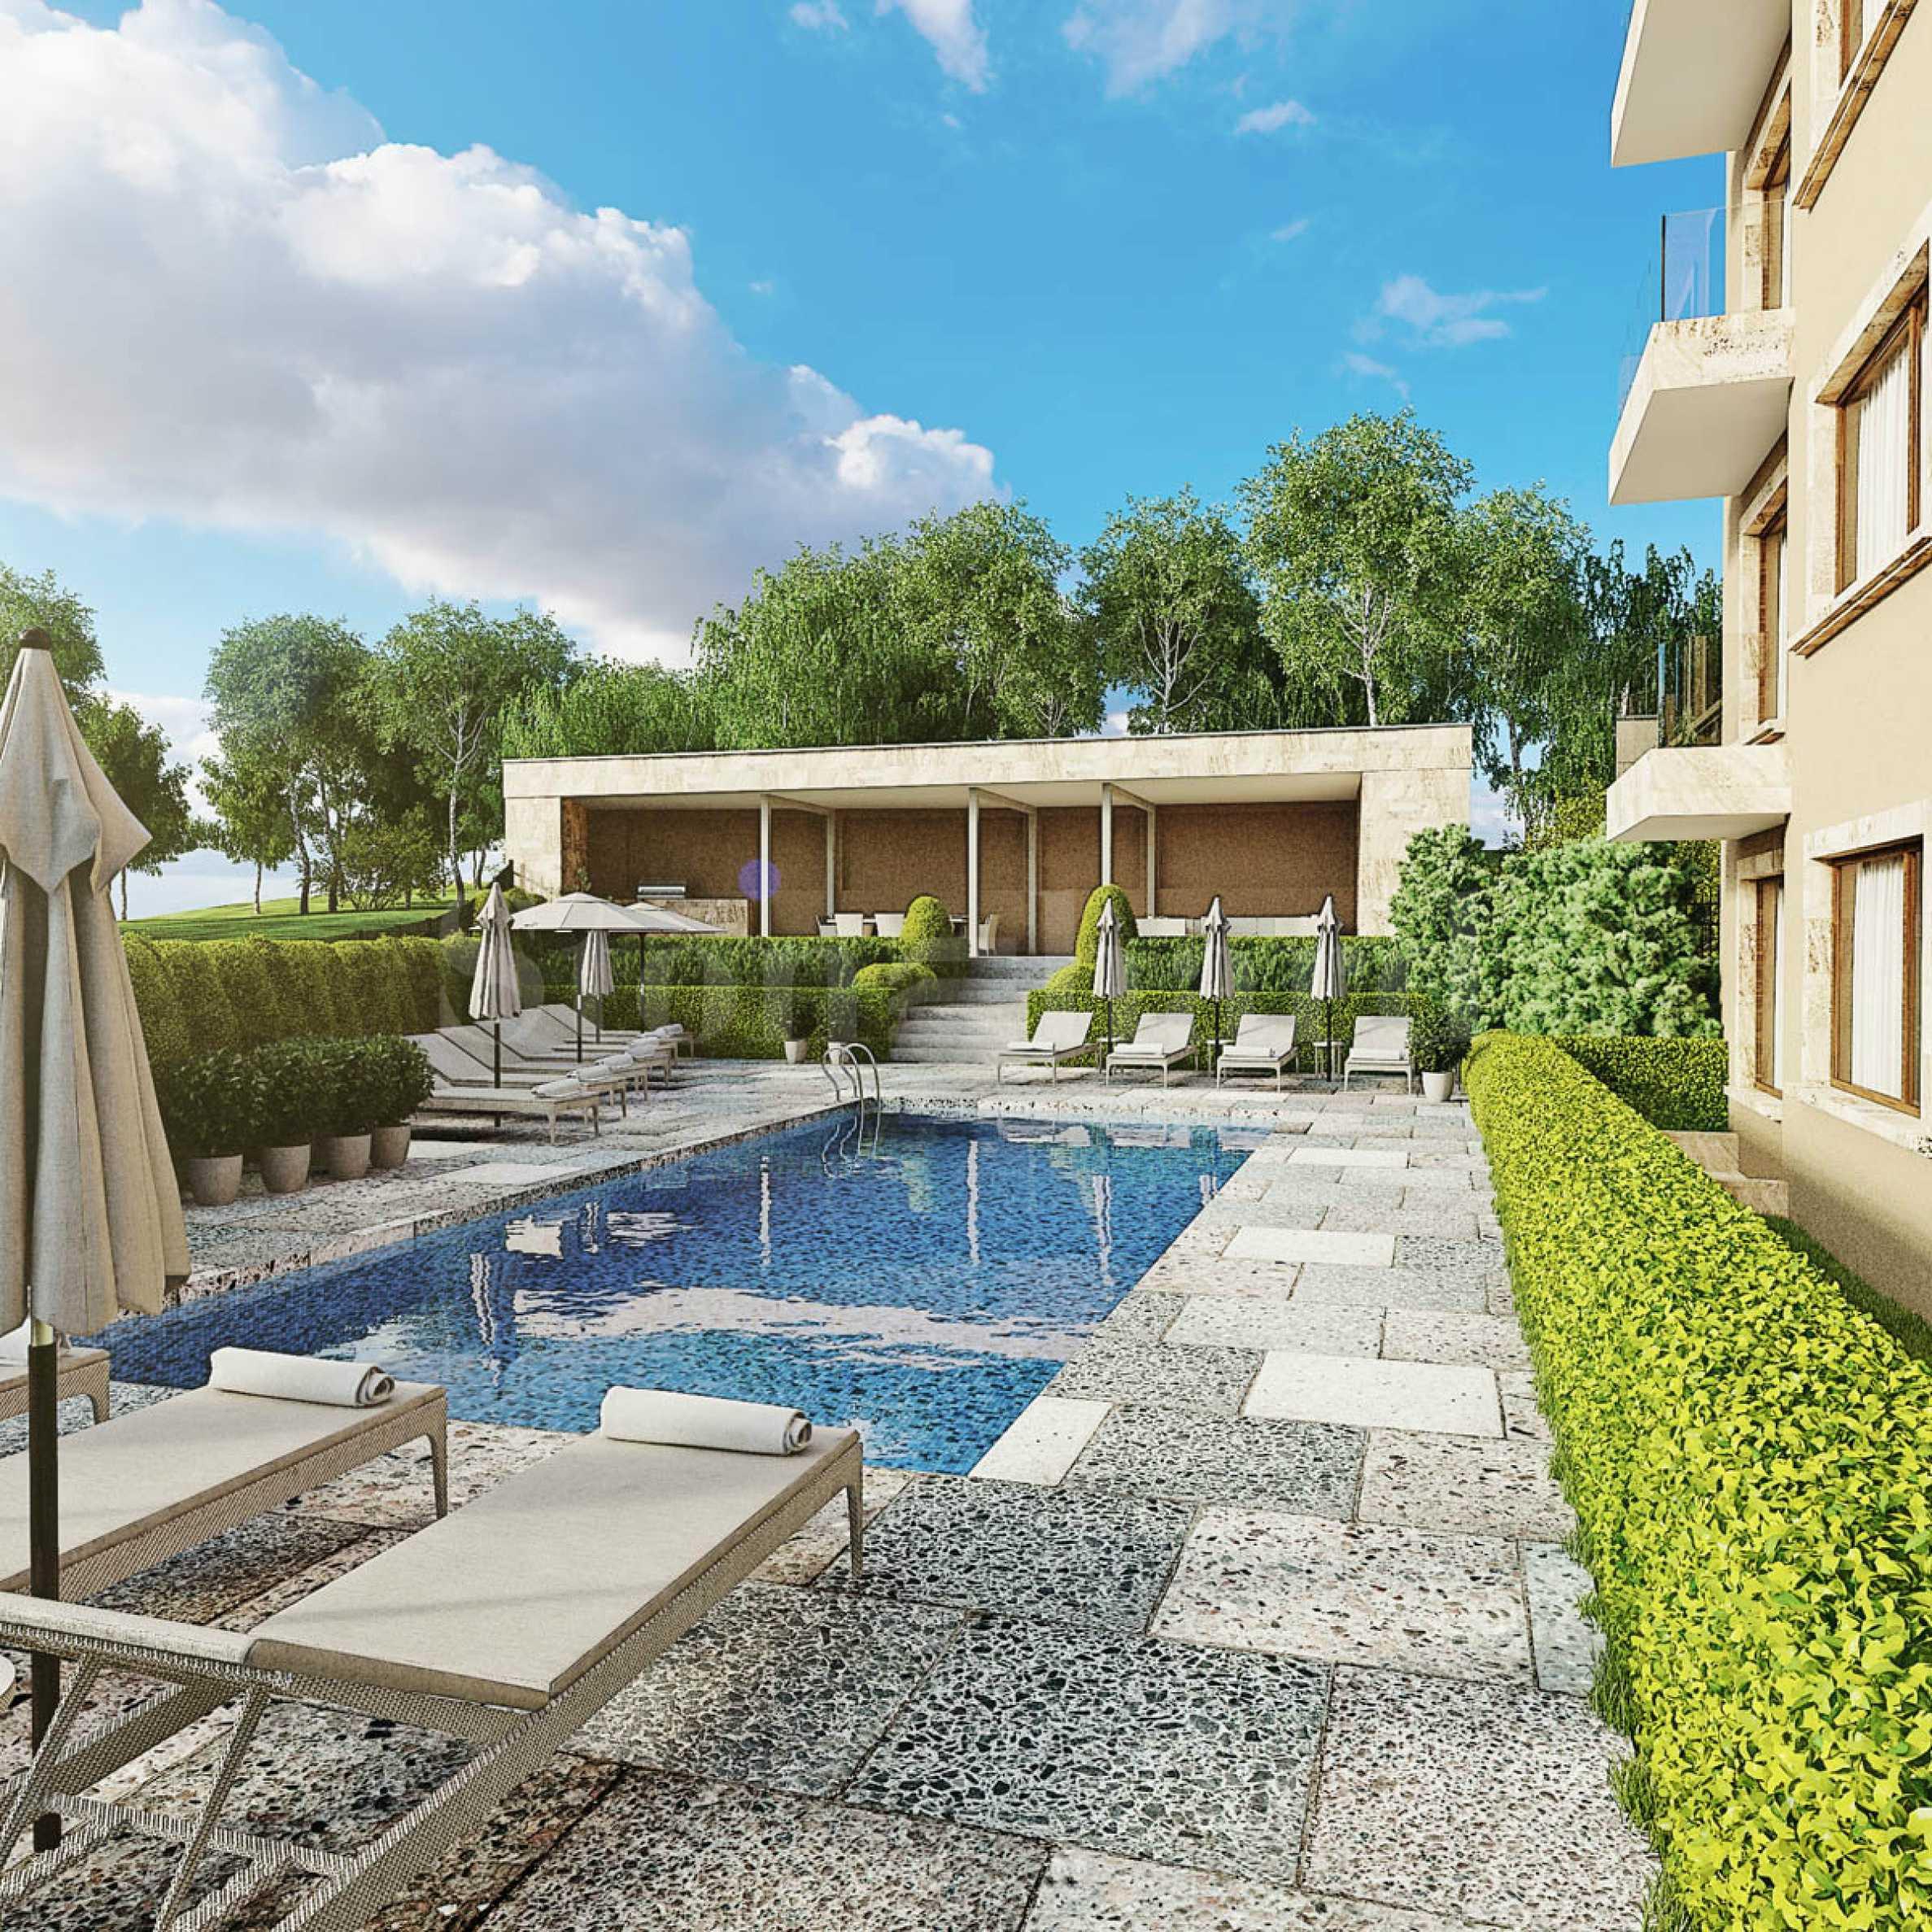 Модерни двустайни и тристайни апартаменти, разположени до к.к. Слънчев ден1 - Stonehard